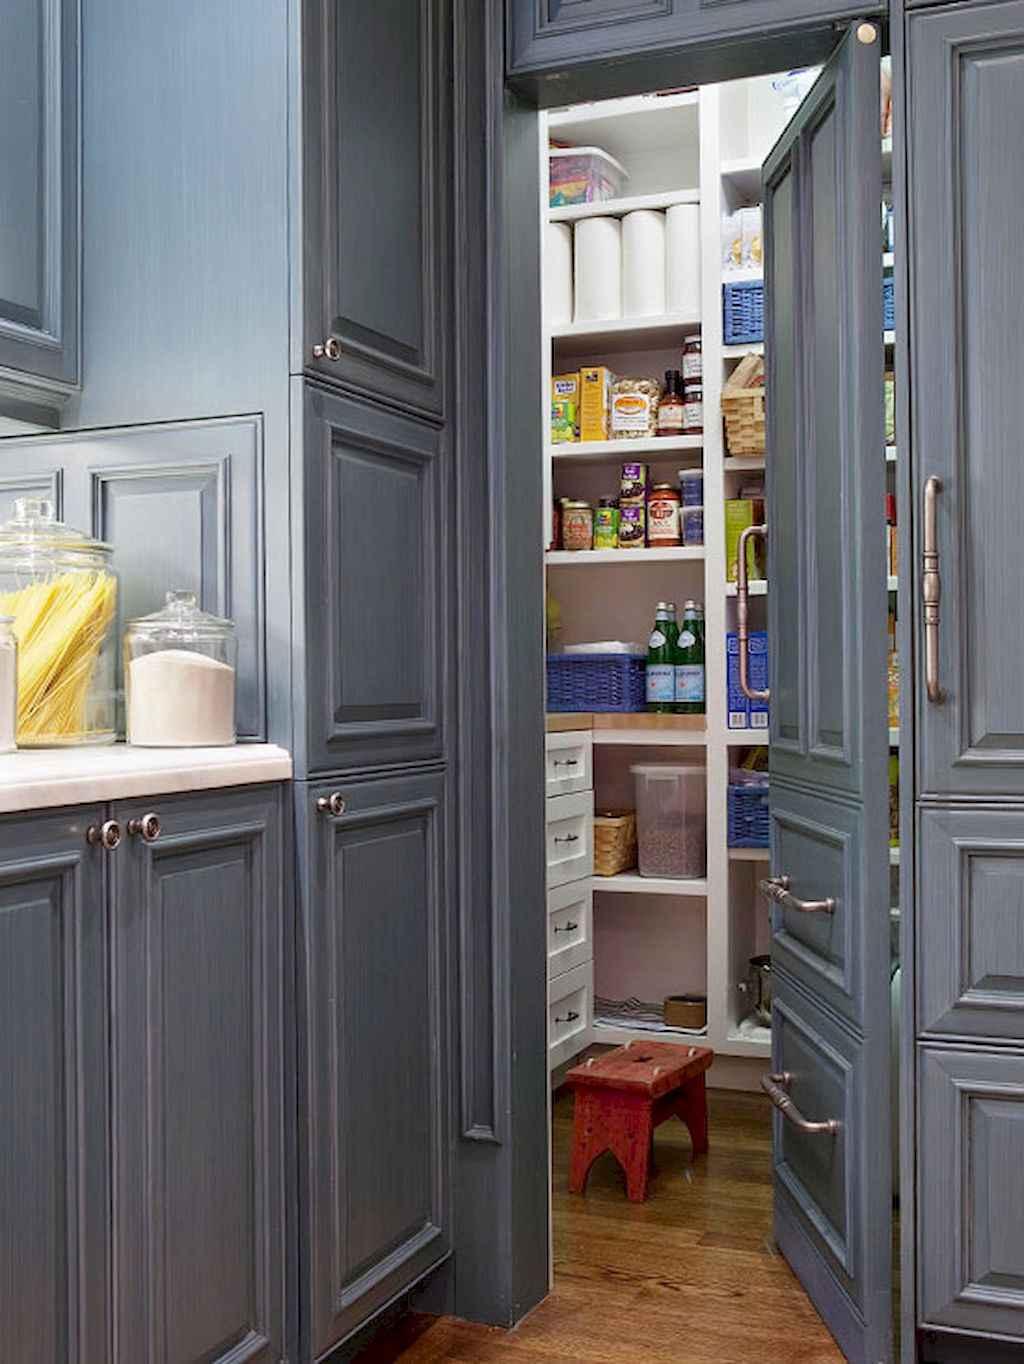 Ingenious hidden kitchen cabinet & storage solutions (38)